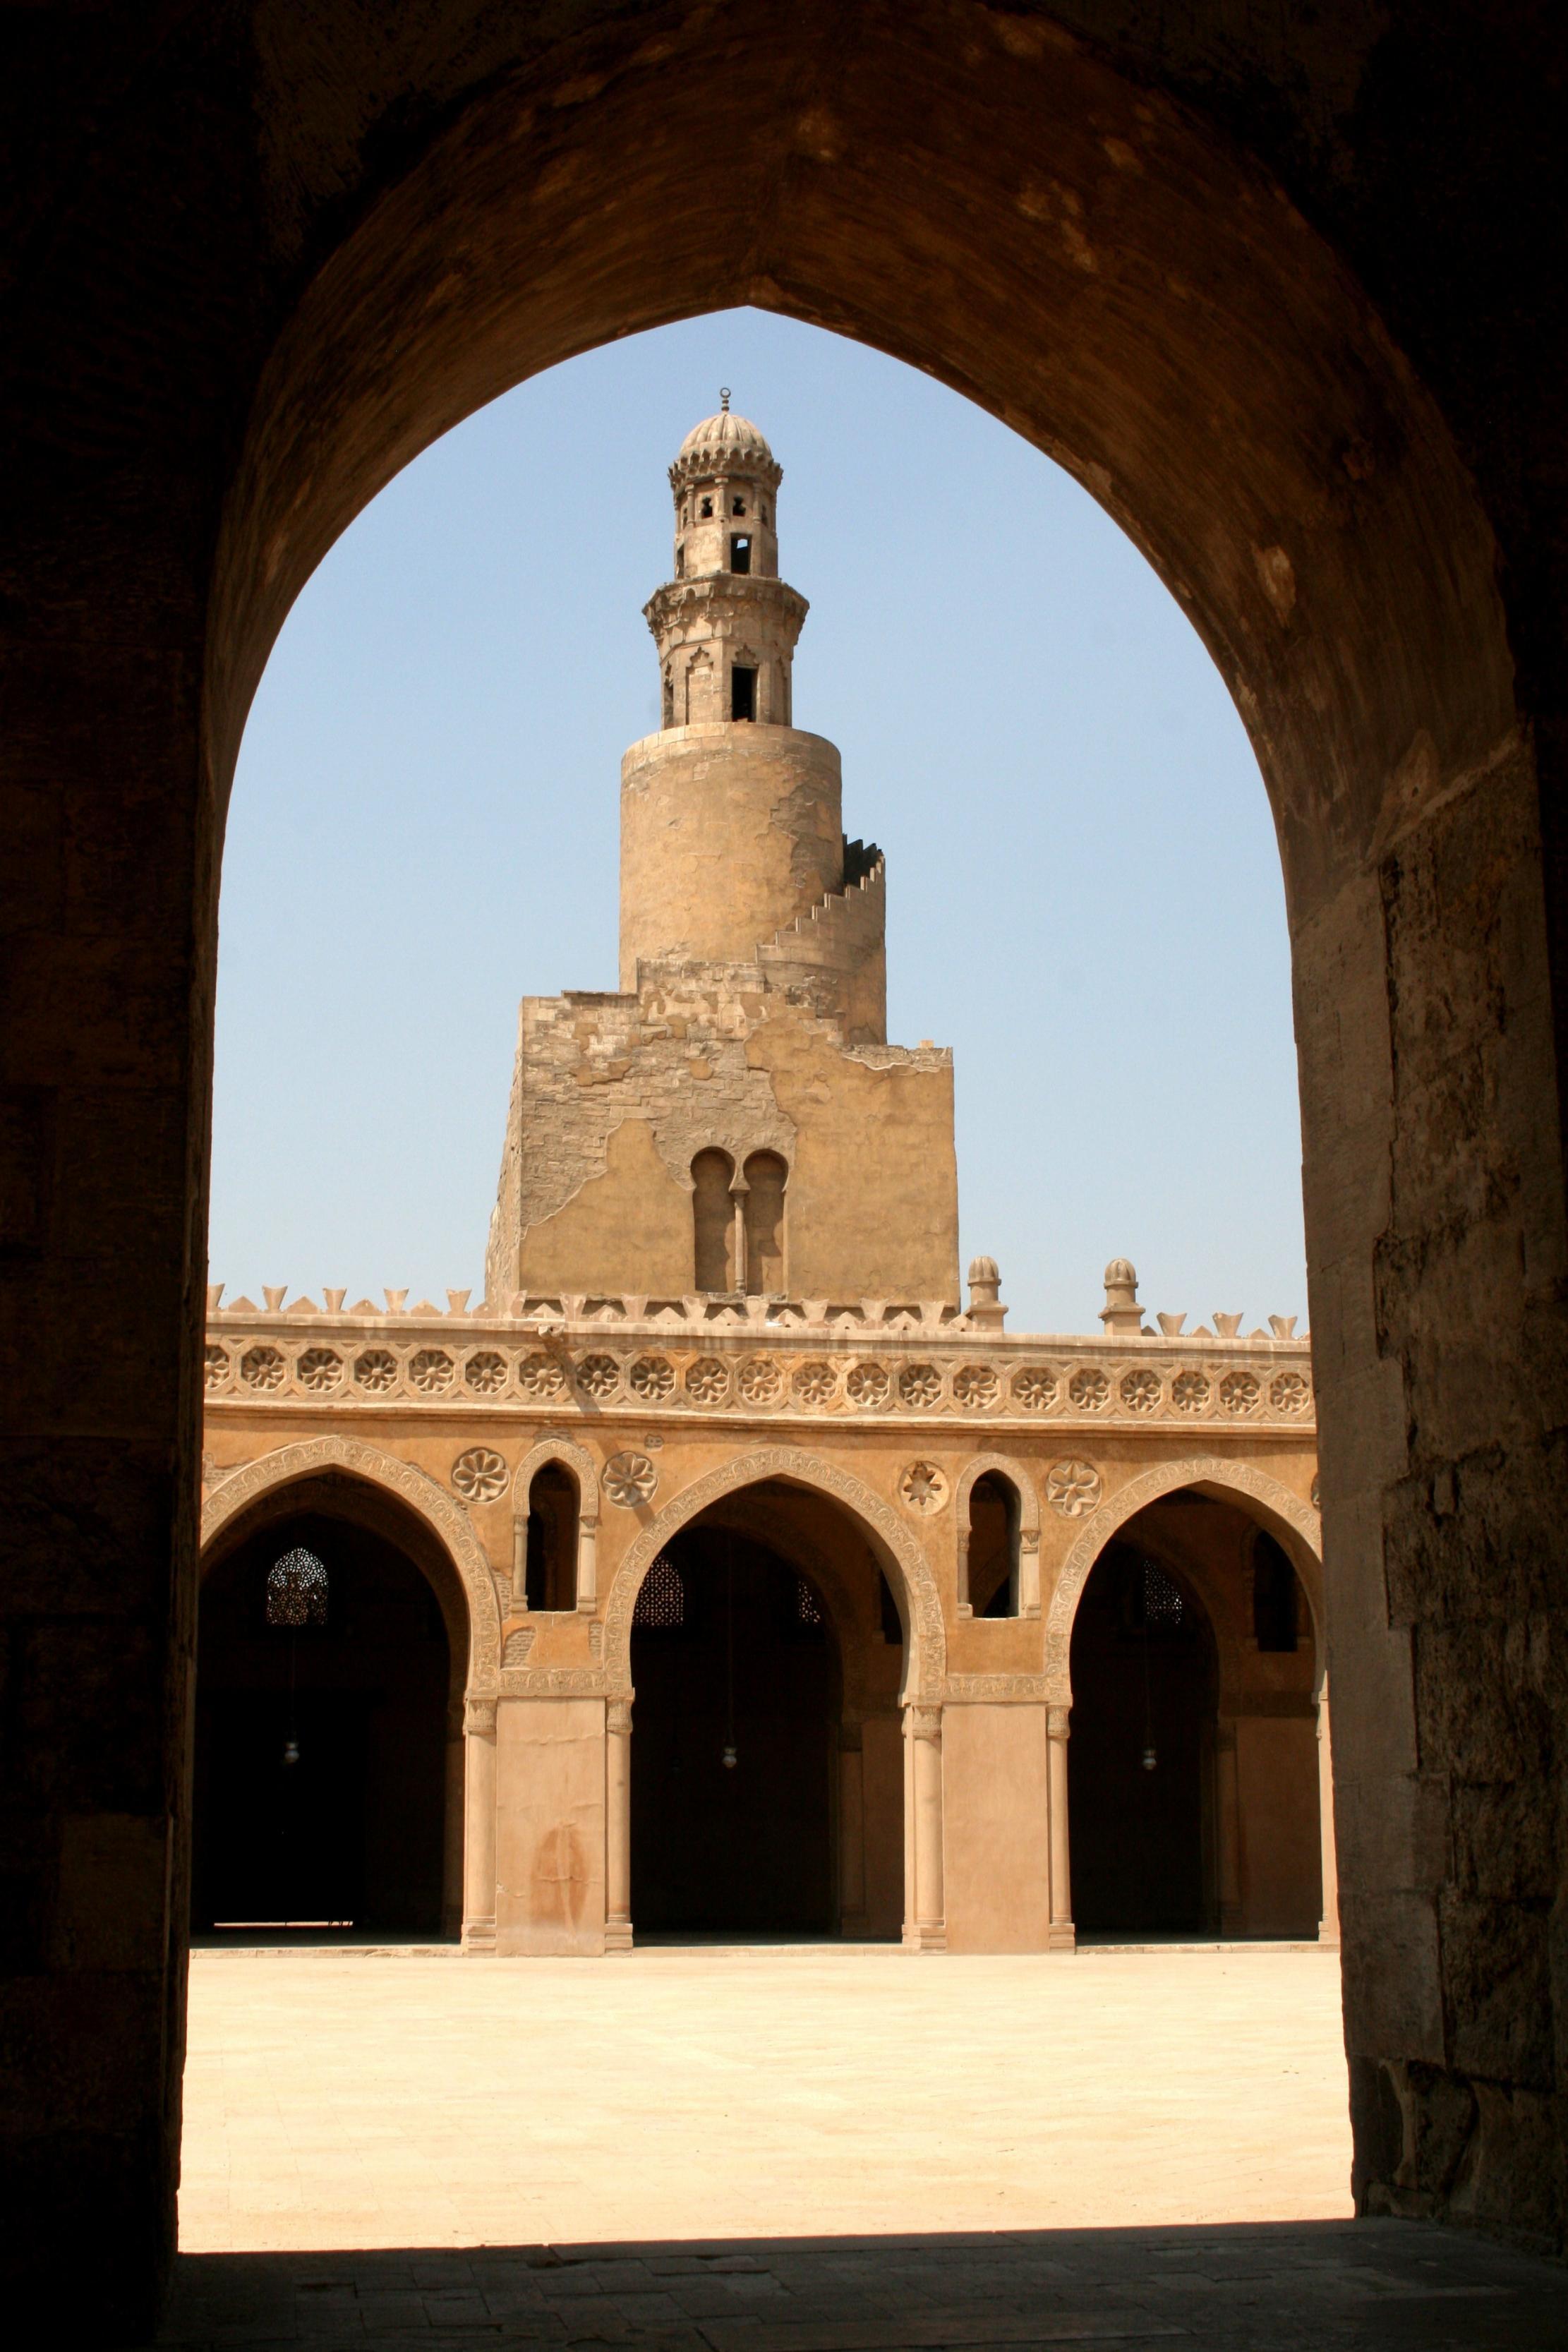 بالصور السياحة في مصر , شاهد بالصور اروع المعالم السياحة فى مصر 444 6